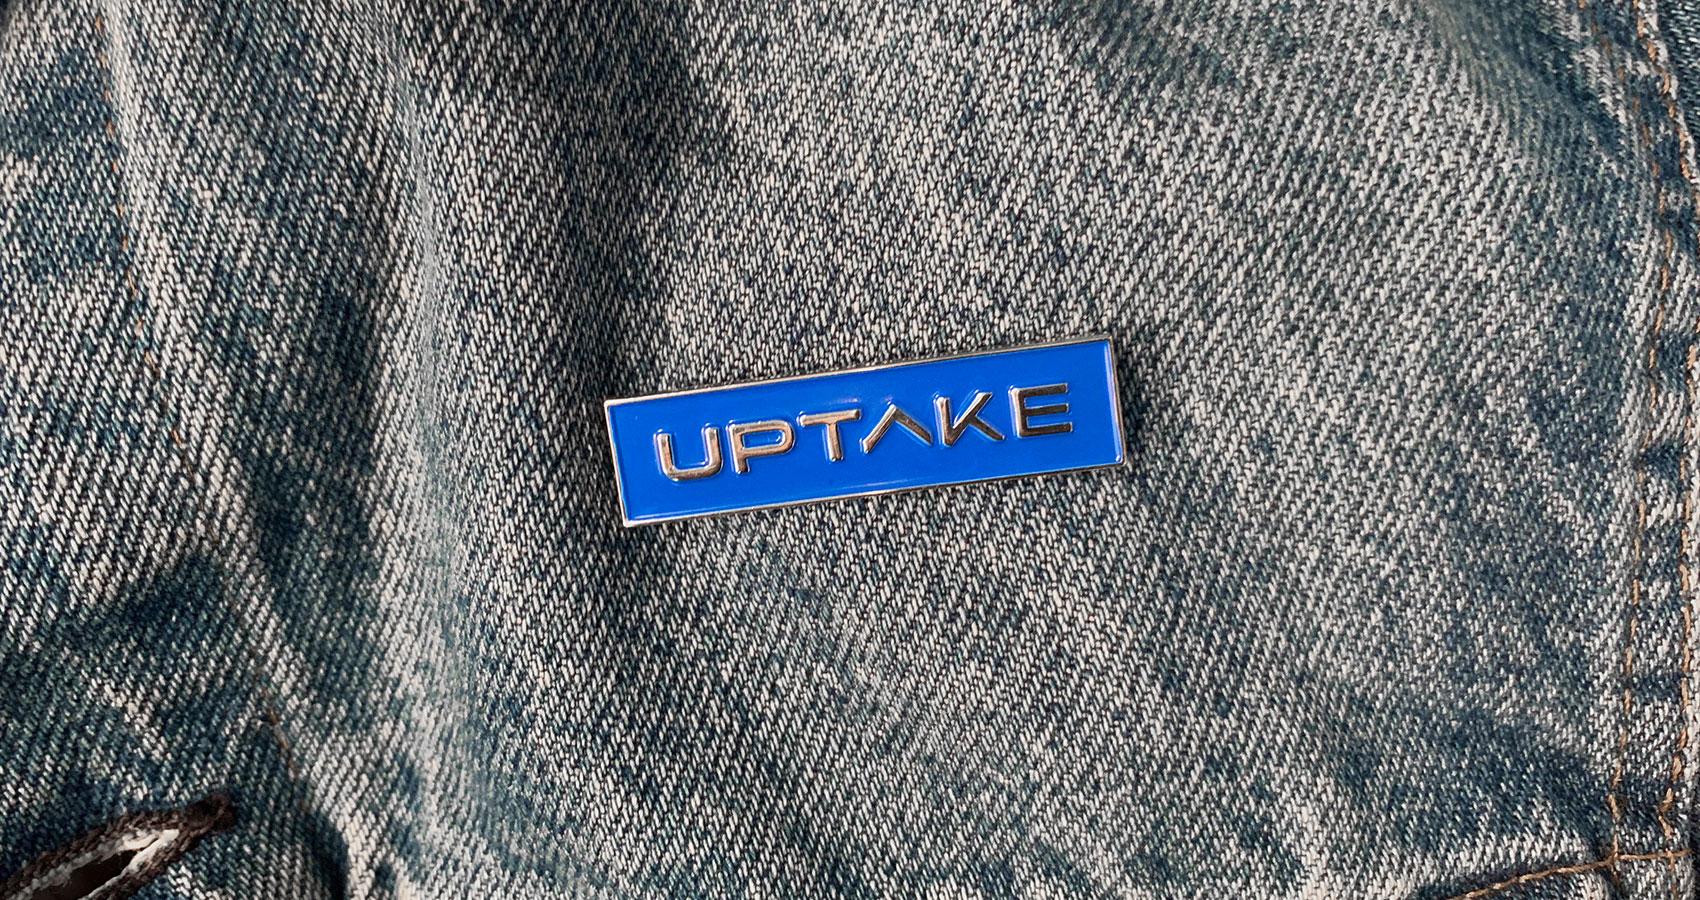 Uptake_swag-4